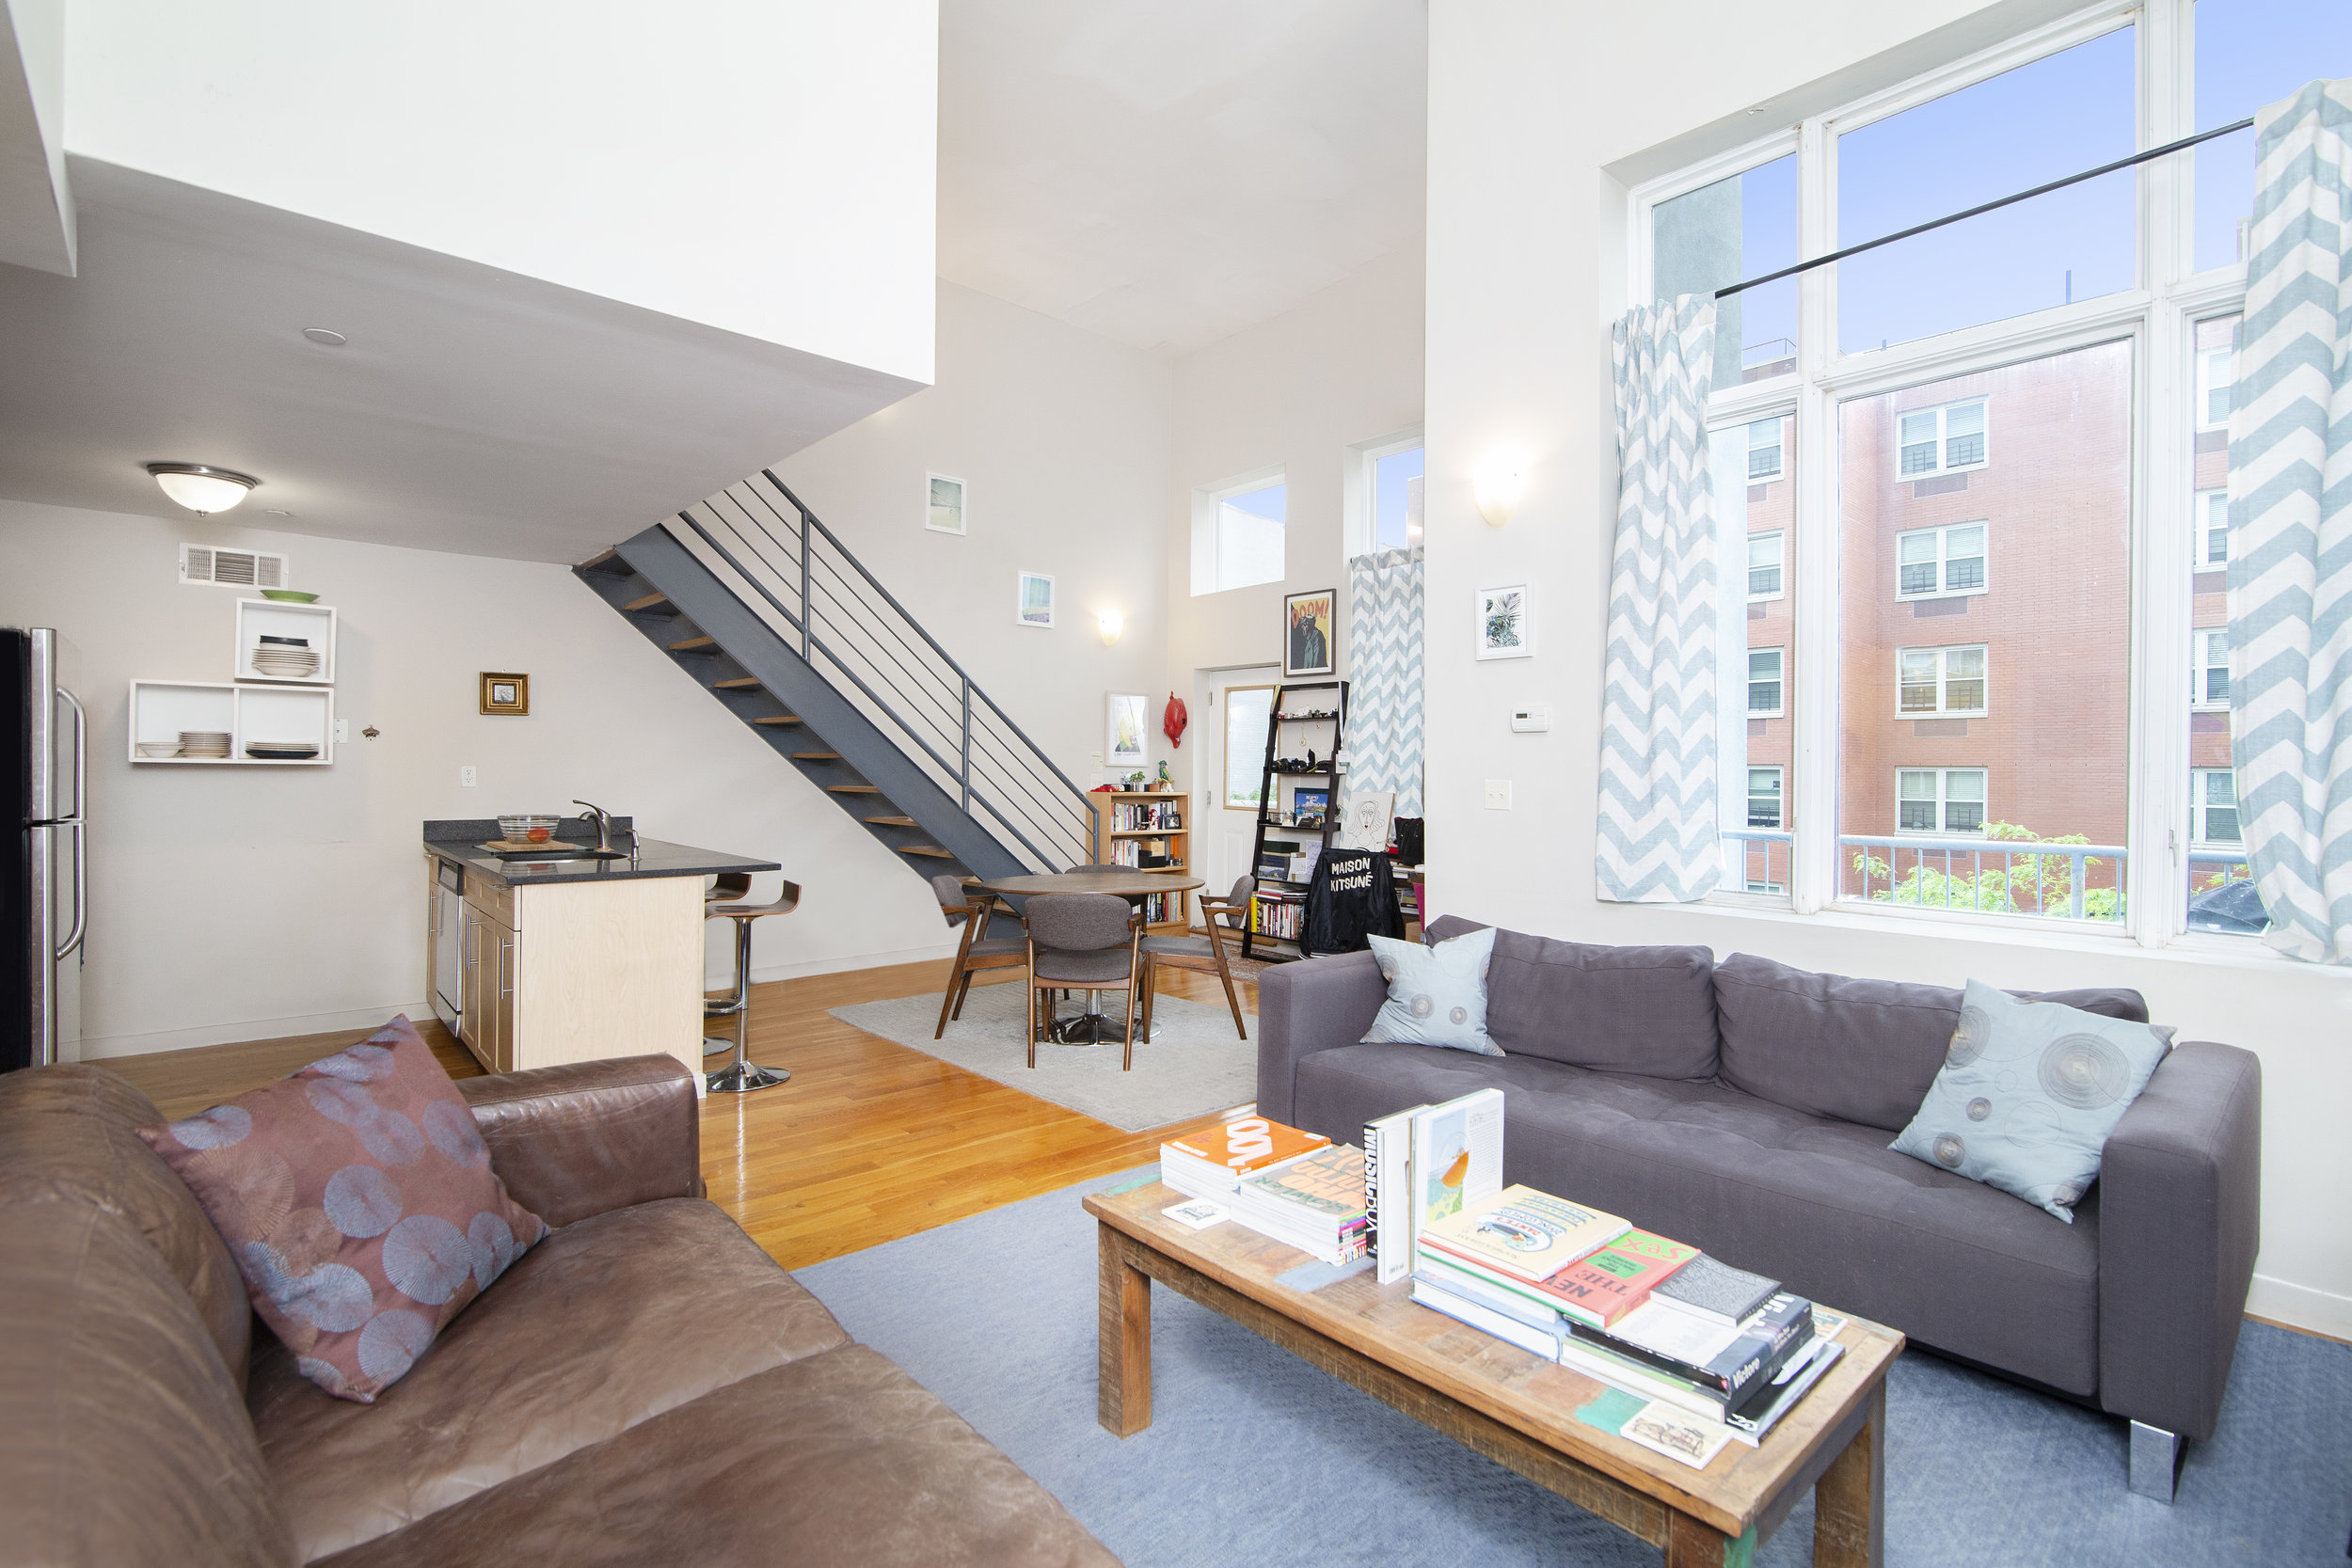 $2,350/month 1.0 BD | 2.0 BA | 900 SF  Bedford Stuyvesant  800 Dekalb Avenue